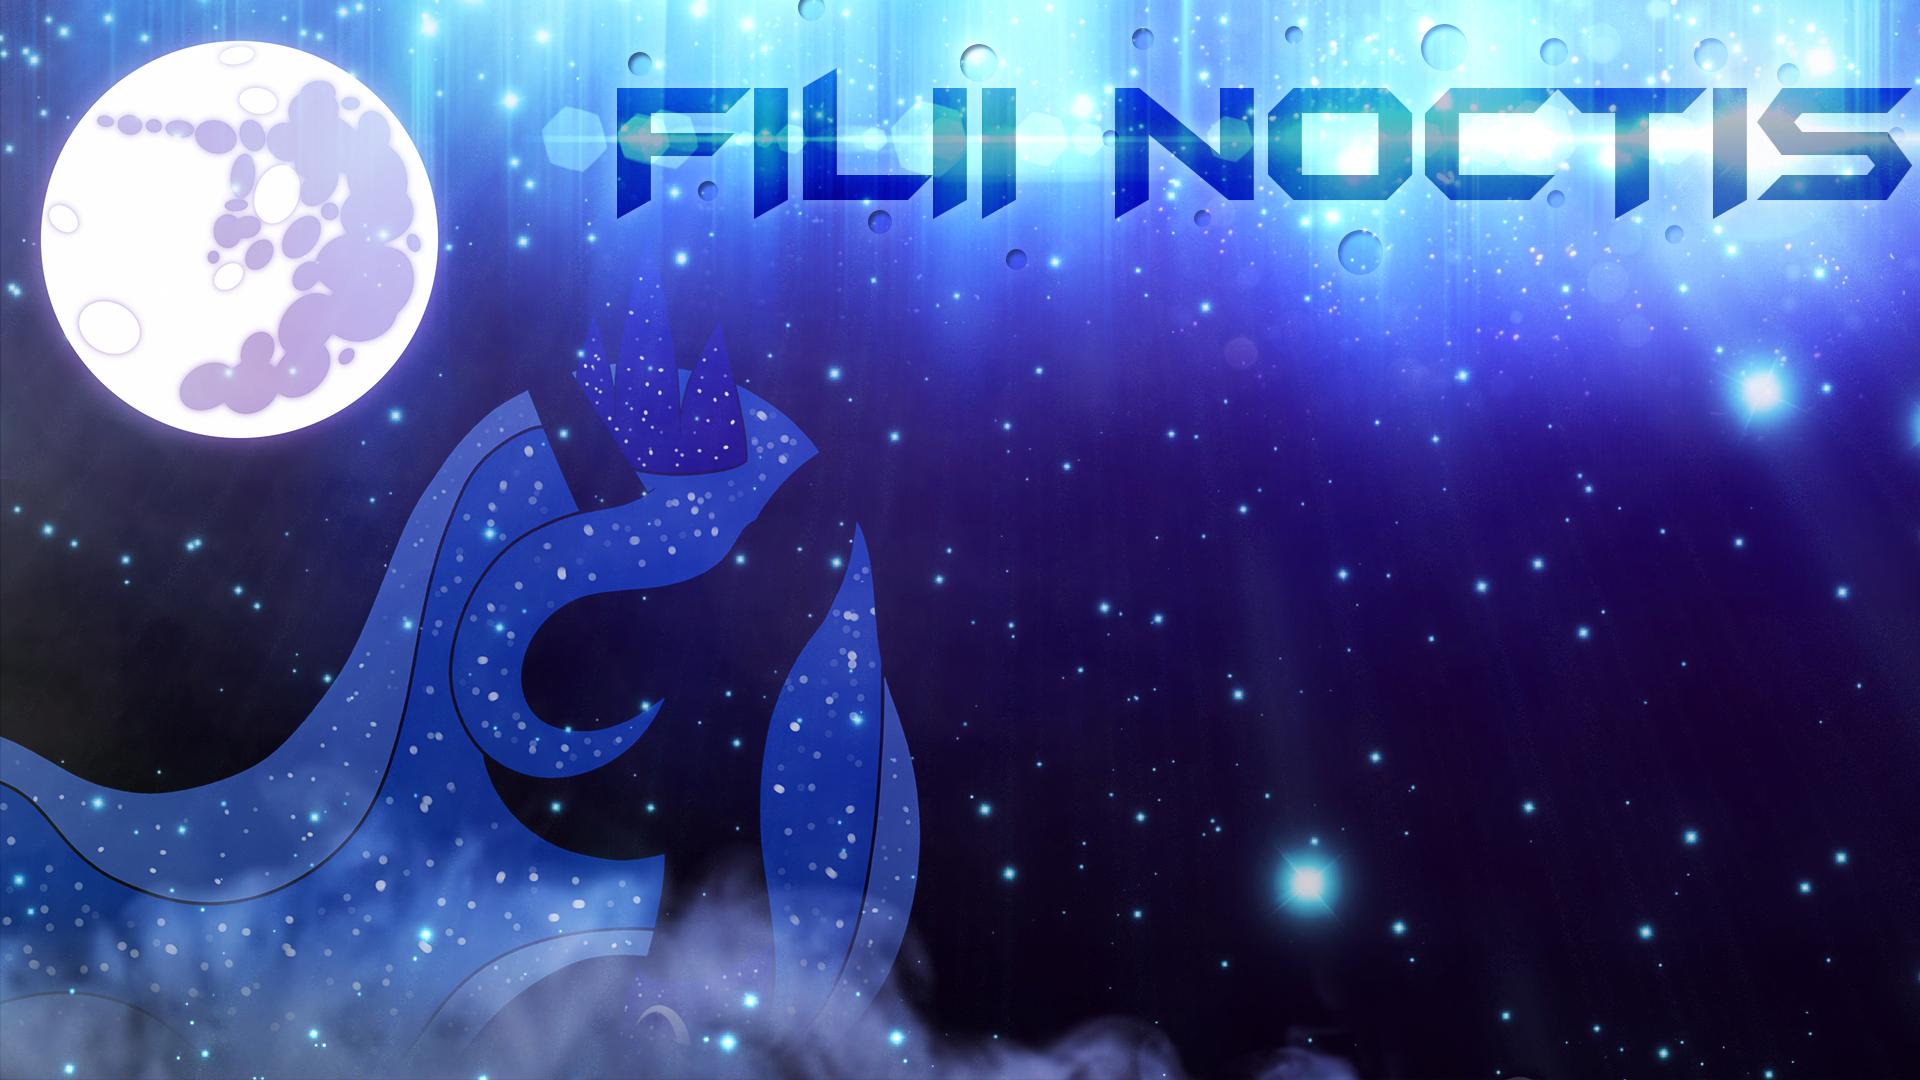 Filii Noctis Wallpaper by FroyoShark